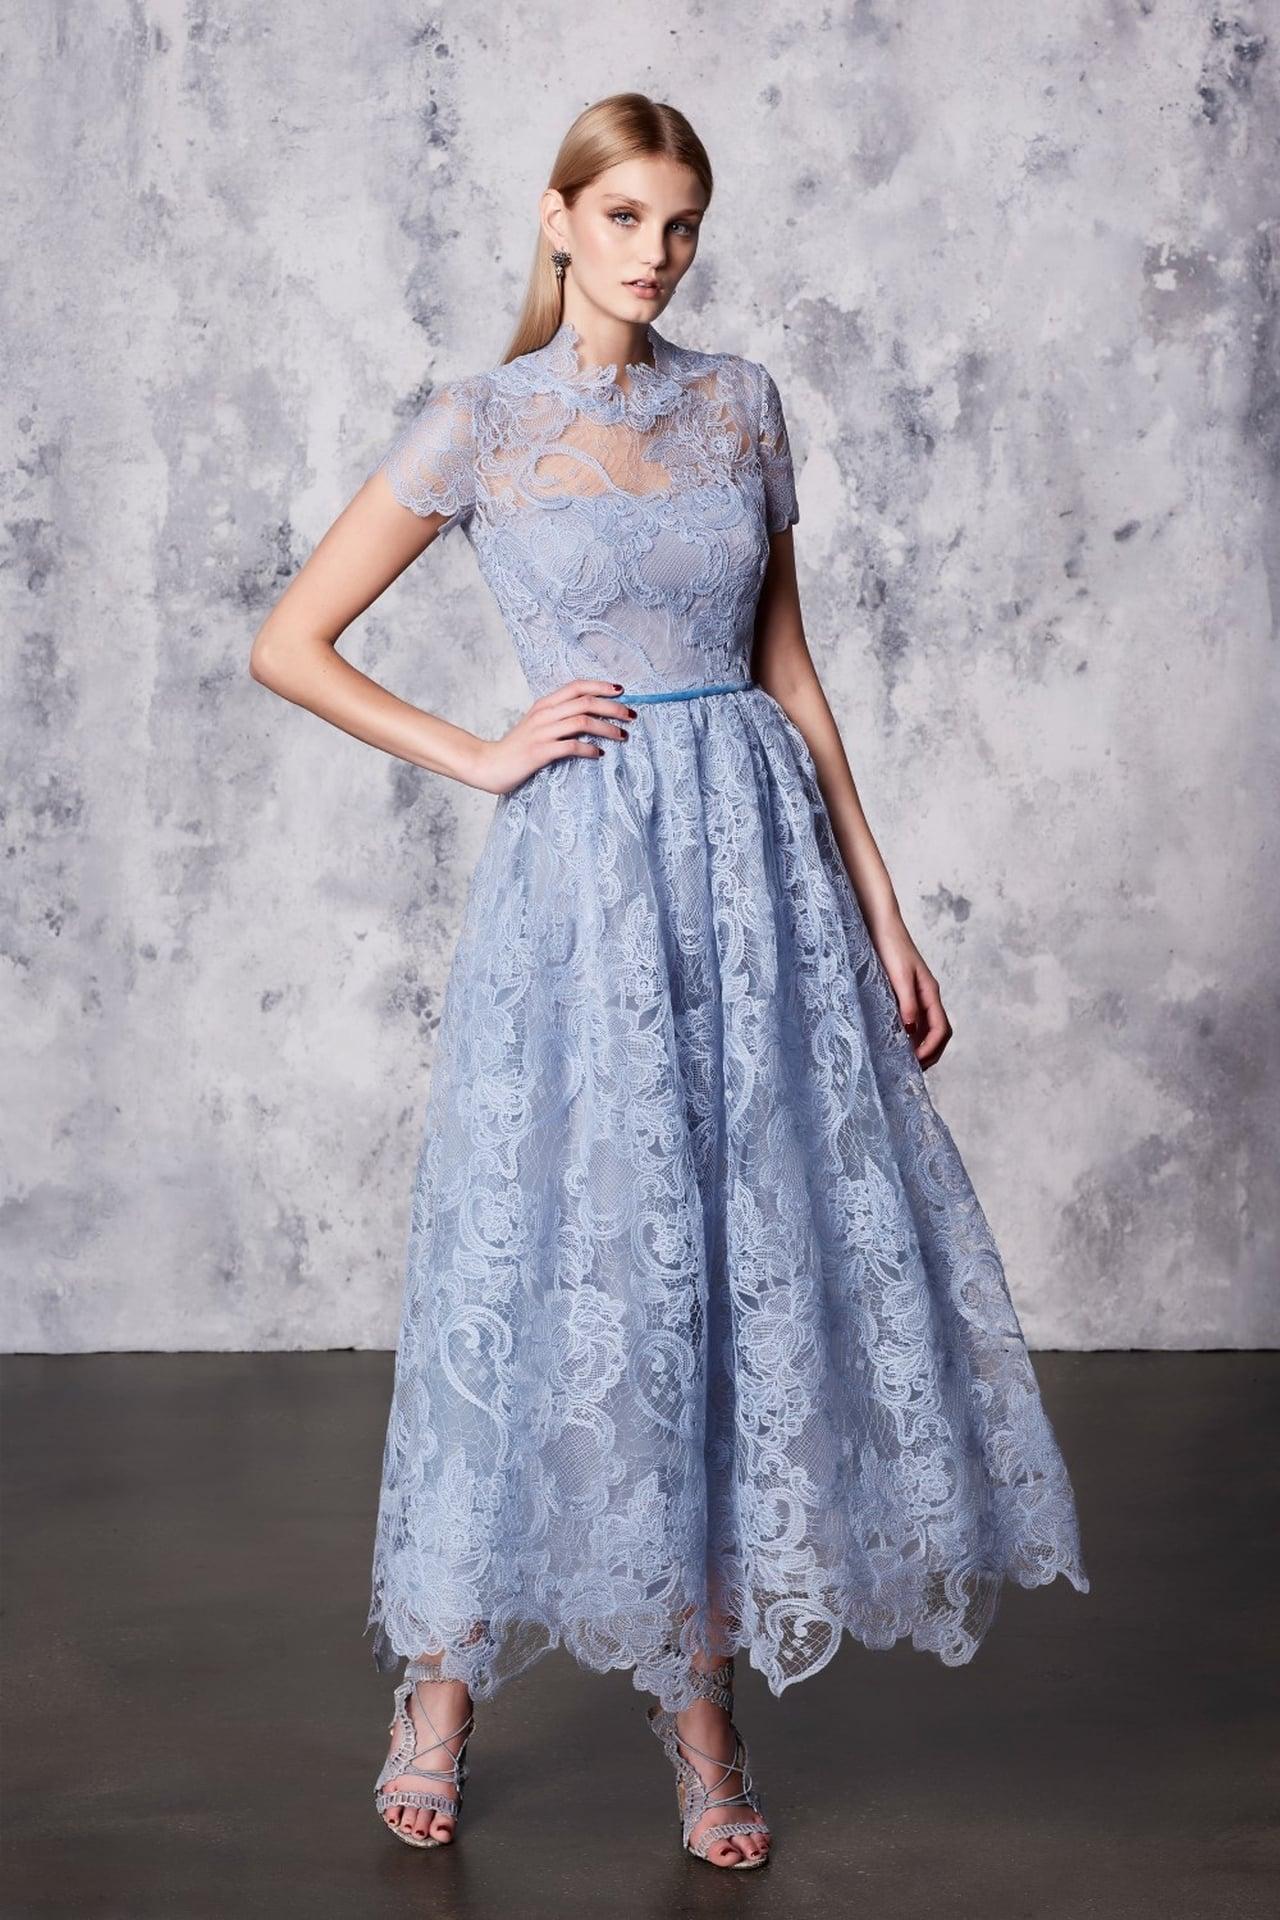 صور فساتين دانتيل , لاناقة المساء اخترنا لكي اجمل الفساتين الدانتيل